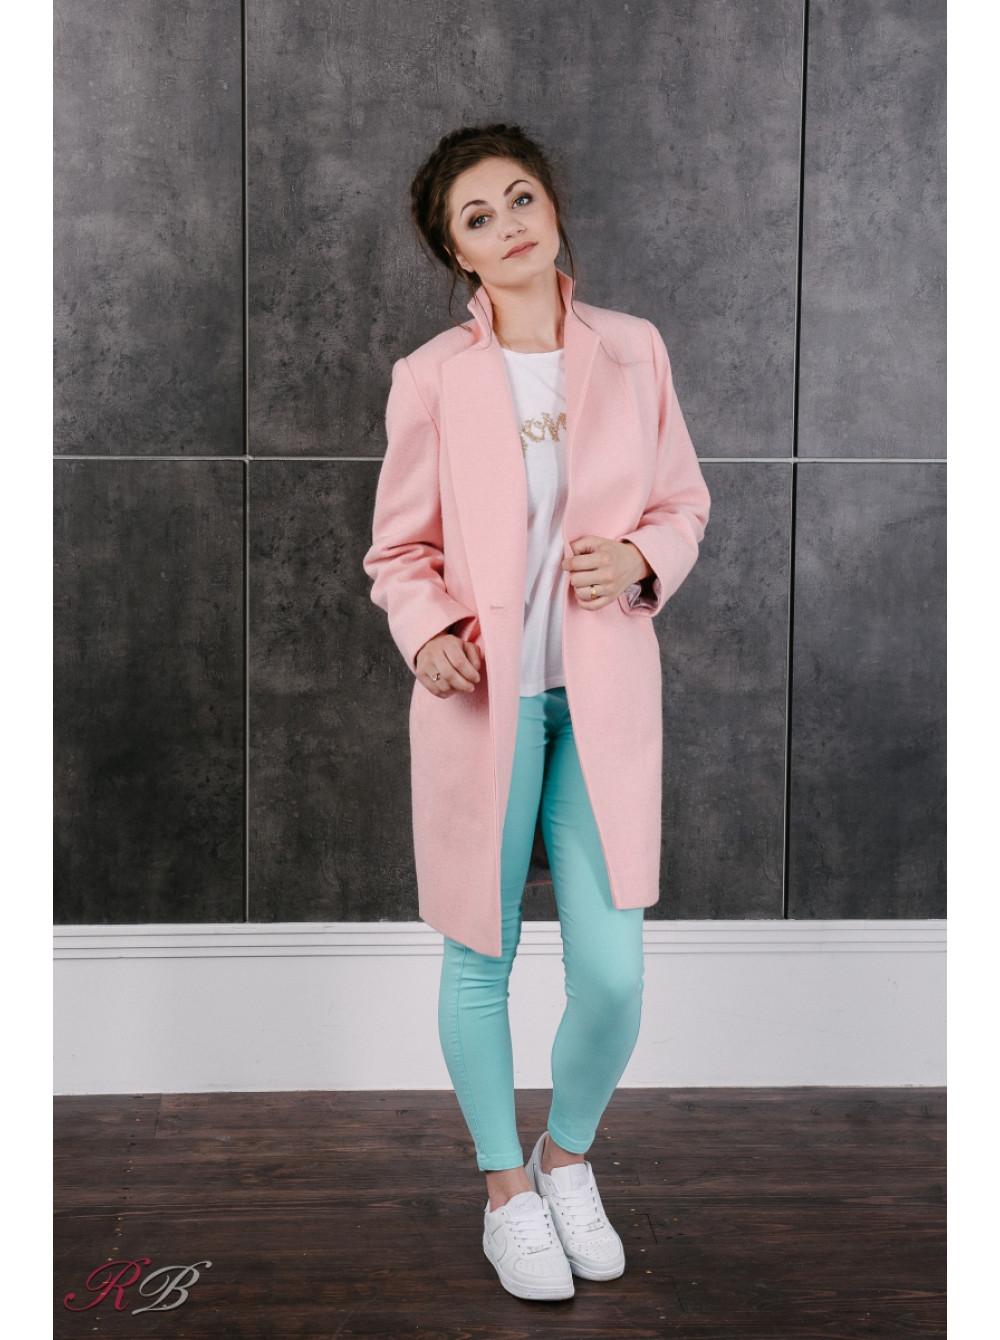 db075365245 Женское пальто BF-P BF-P купить в Киеве и Украине